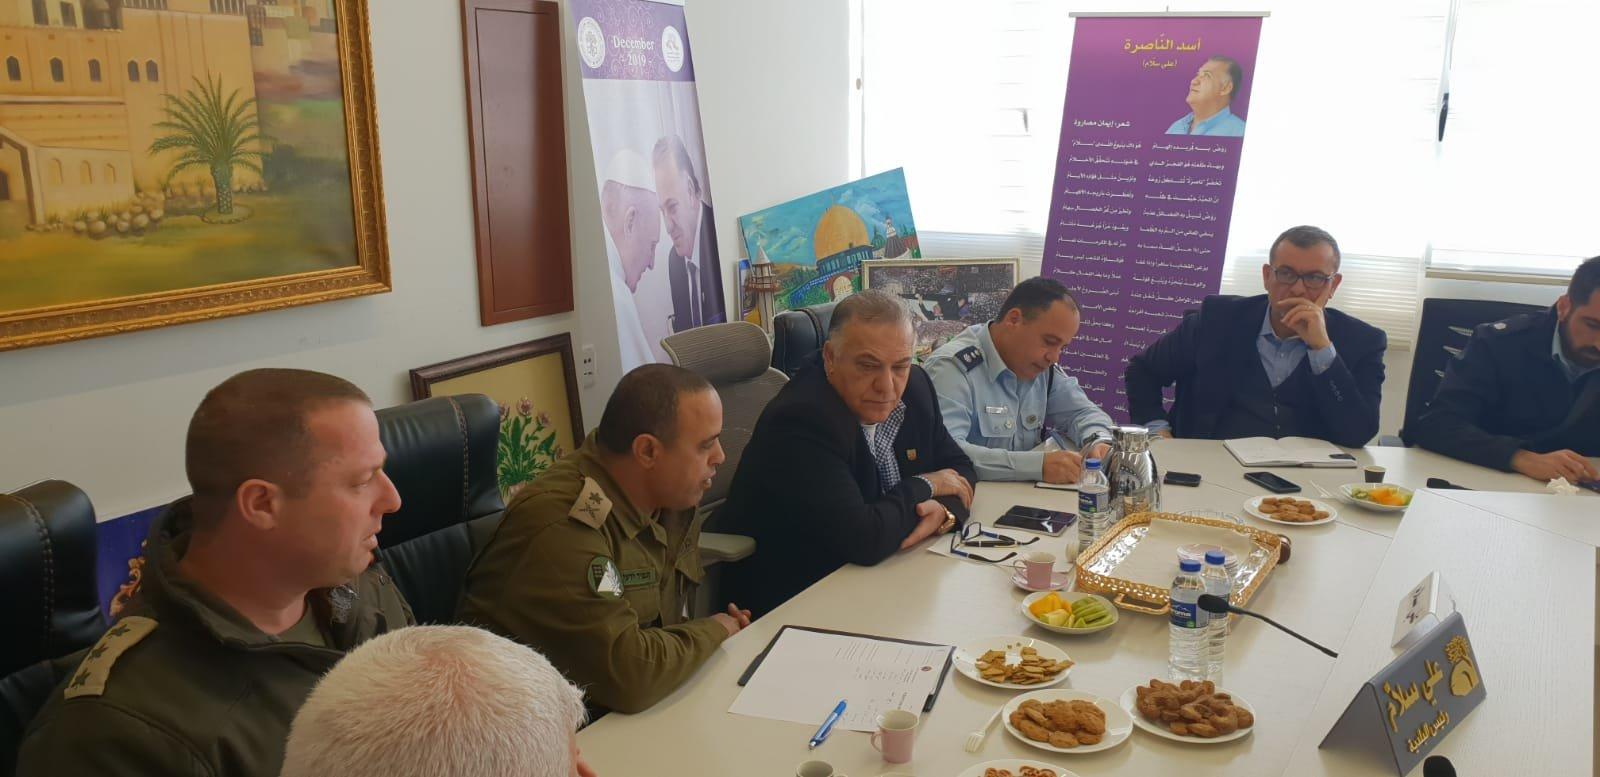 لجنه الطوارئ في بلدية الناصرة تعقد جلسه عمل مع الجبهة الداخلية-9